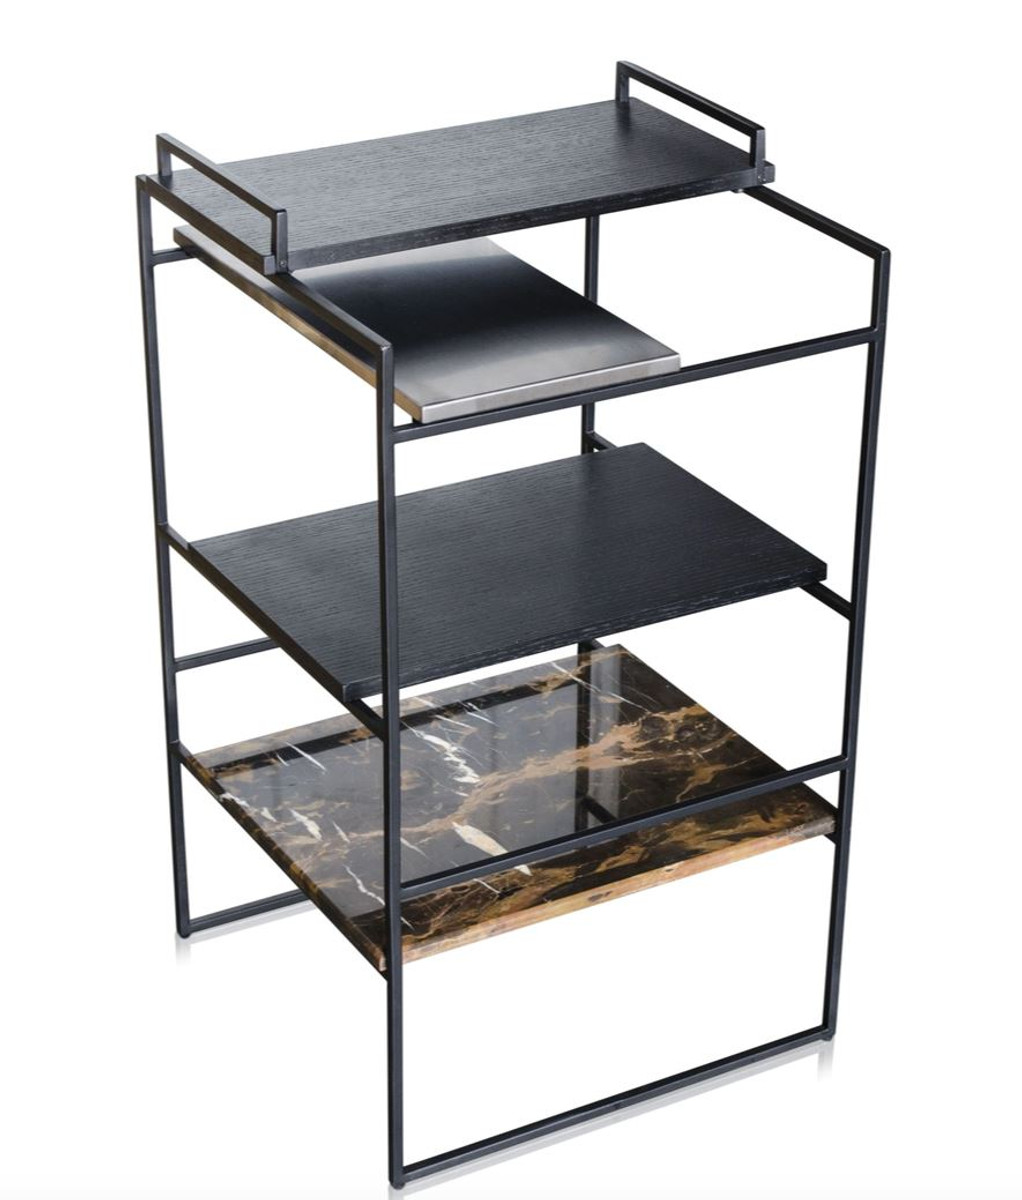 casa padrino luxus designer beistelltisch schwarz 45 x 45 x h 80 5 cm designer m bel. Black Bedroom Furniture Sets. Home Design Ideas